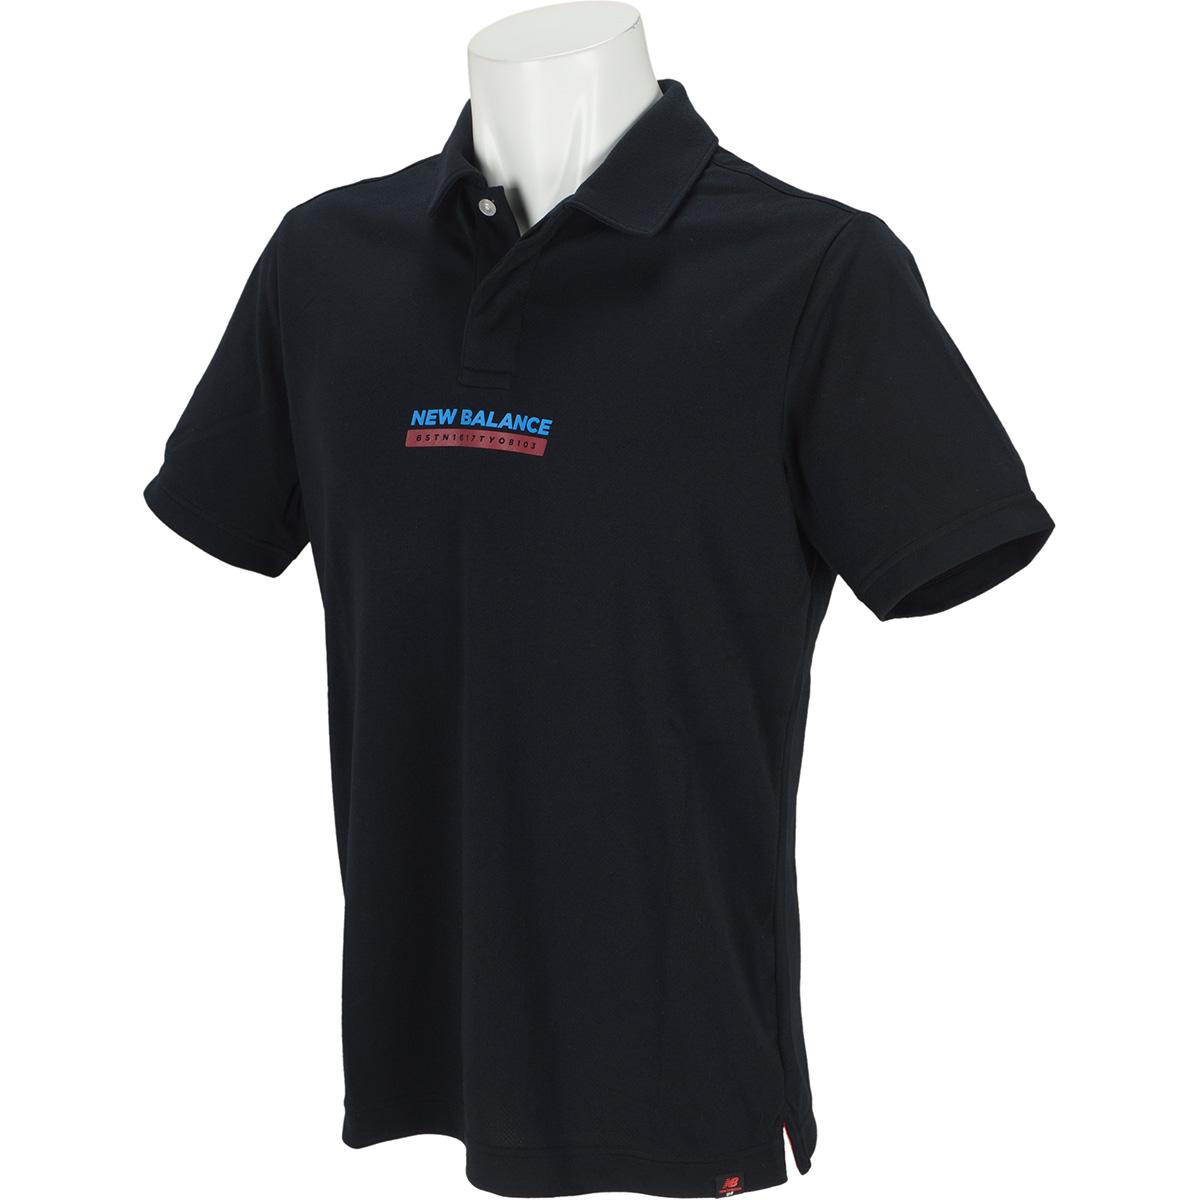 METRO 半袖カラーポロシャツ